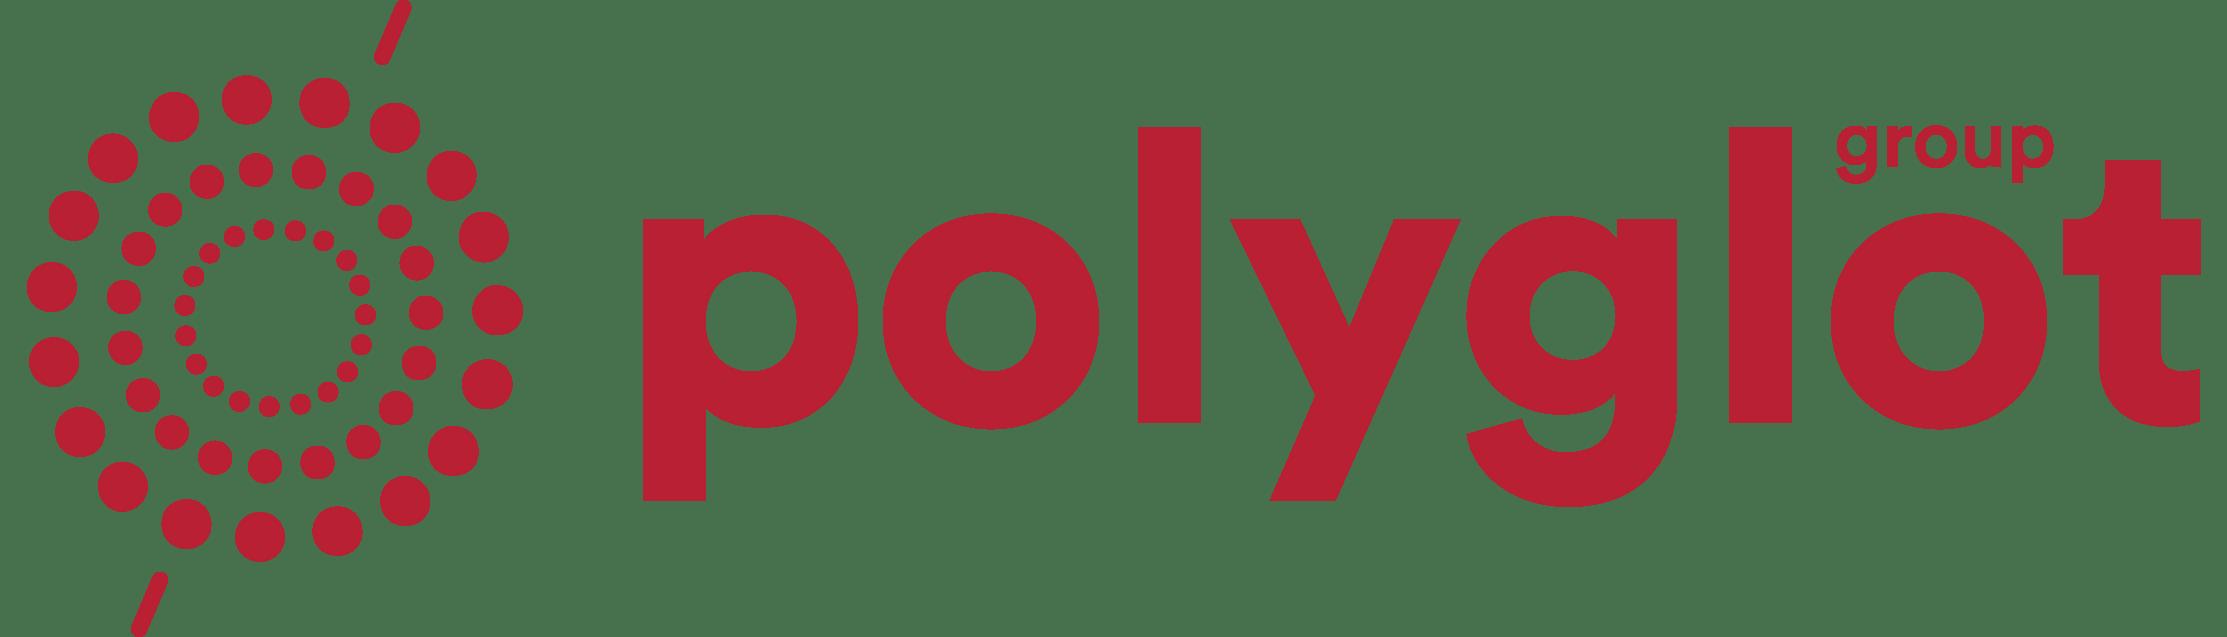 Polyglot Landscape Standard Colour 1